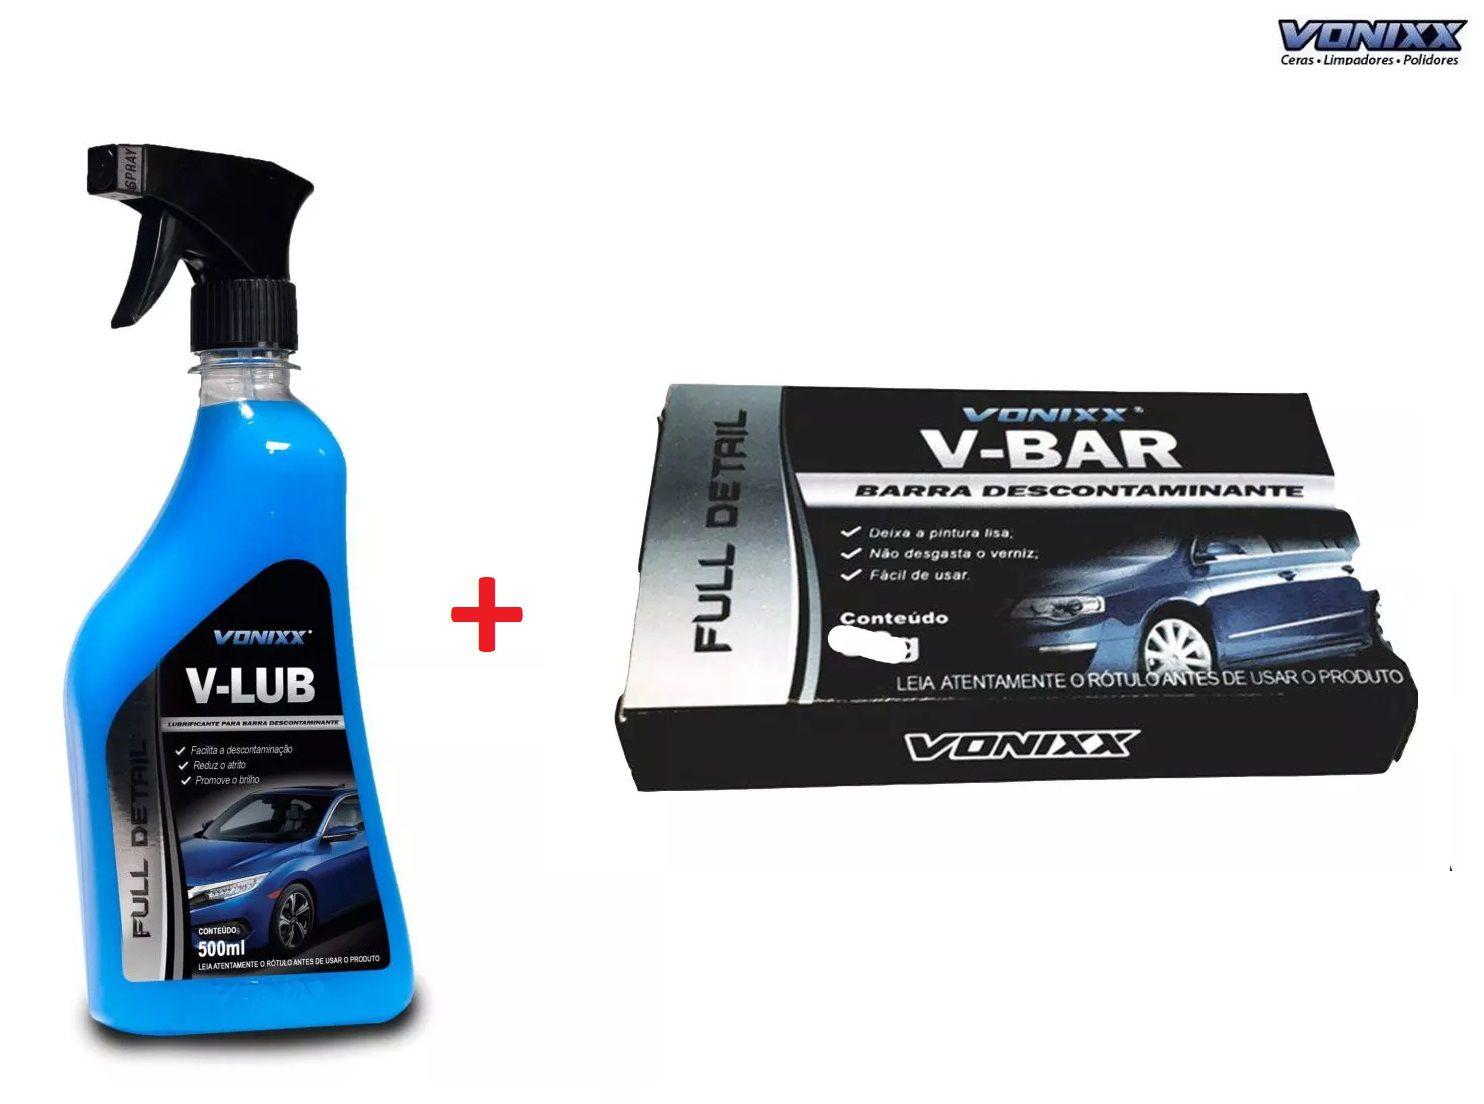 V-bar 50g Vonixx Clay Bar Descontaminante Superficie + V Lub 500 ml